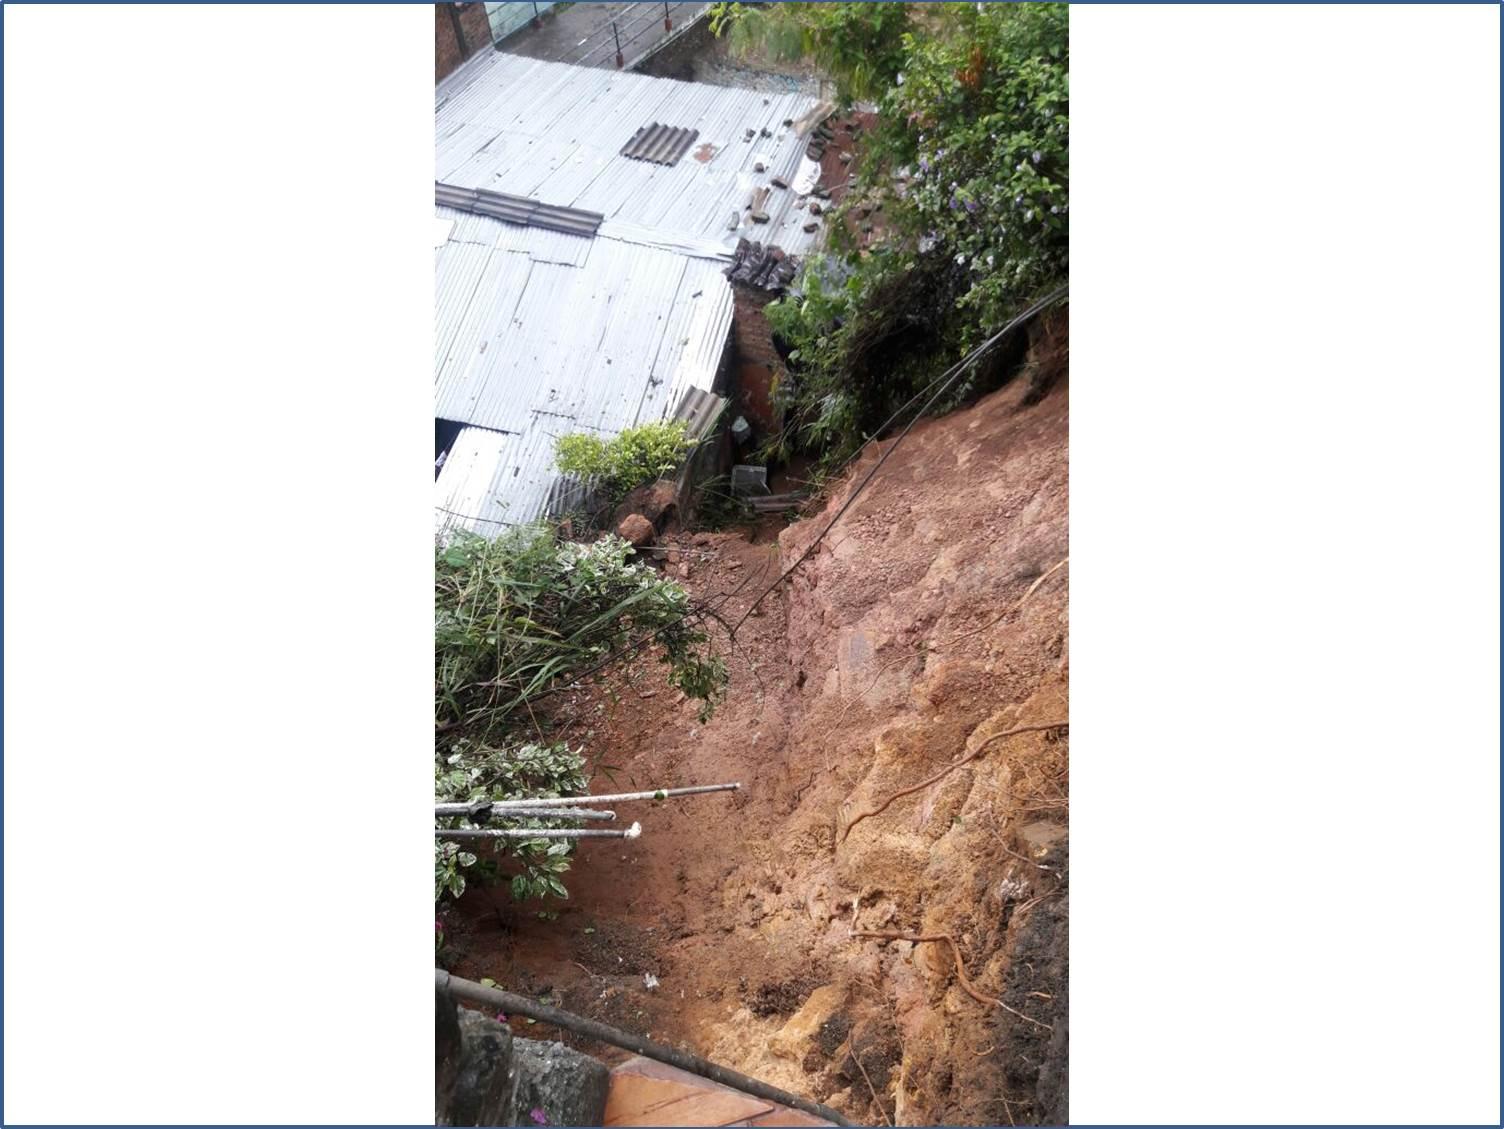 Lluvias provocaron deslizamiento de tierra en Siloé que afectó dos casas